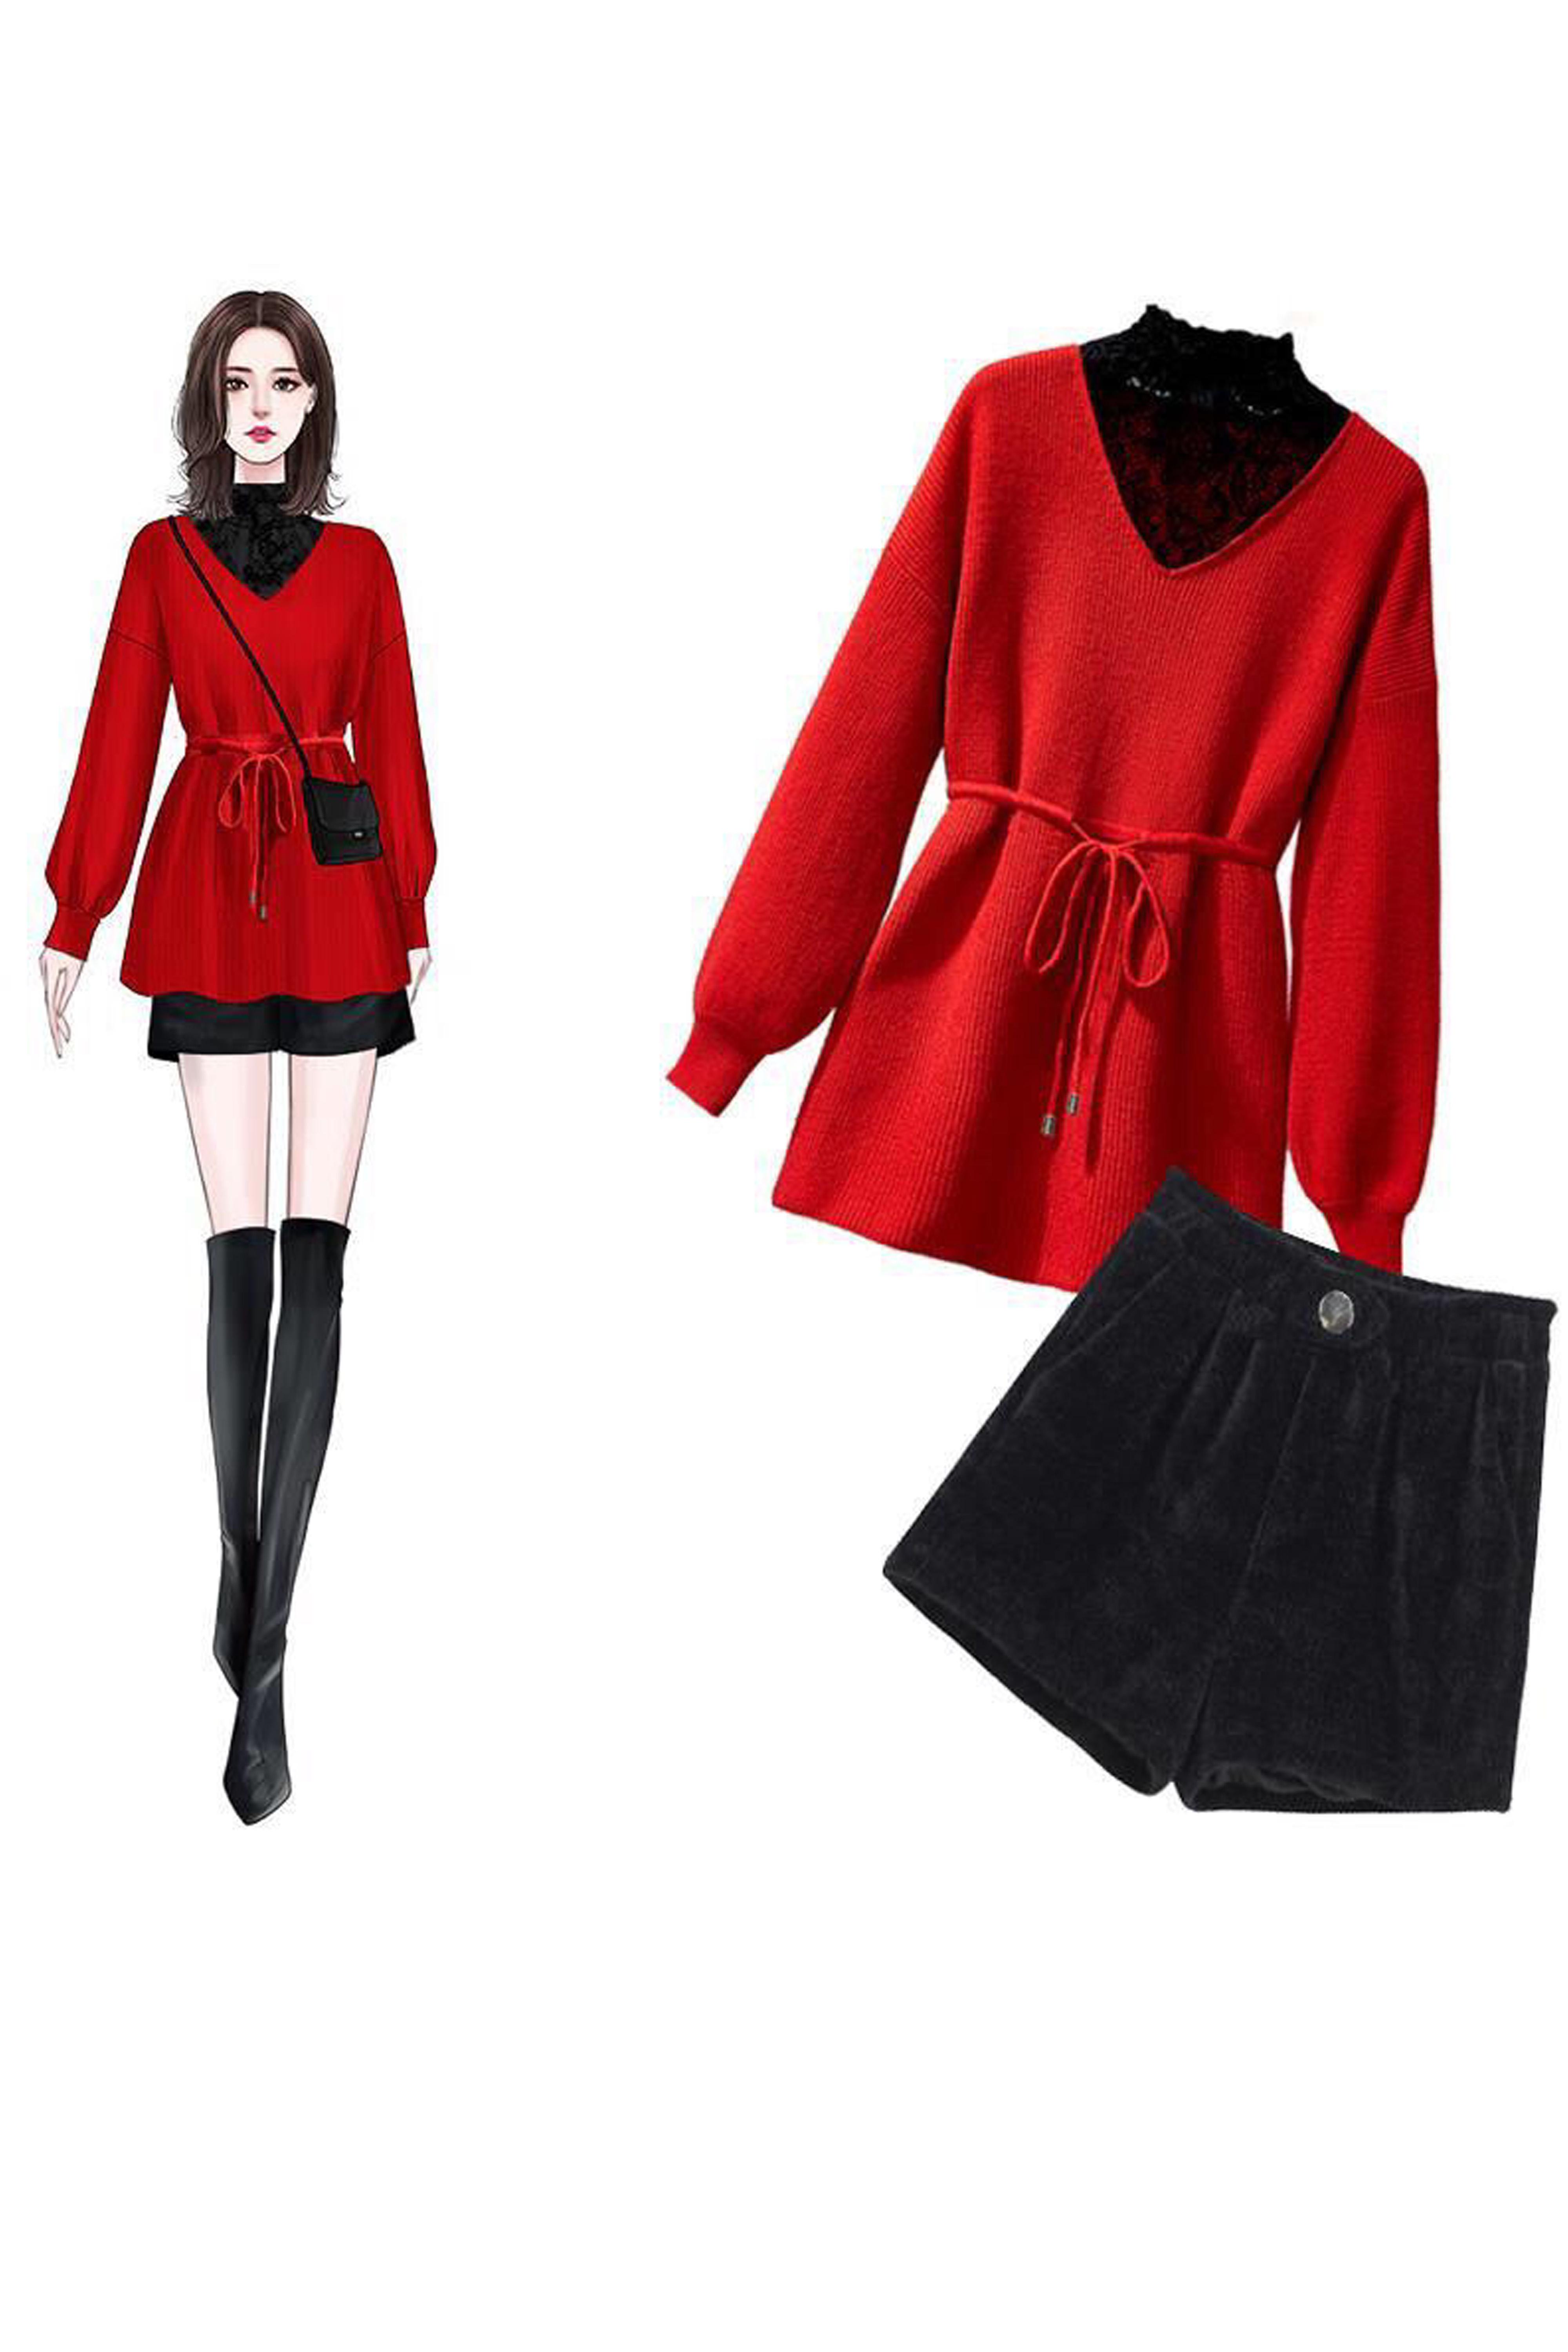 单/套装大码女装200斤秋冬胖妹妹新款宽松毛衣+短裤两件套女